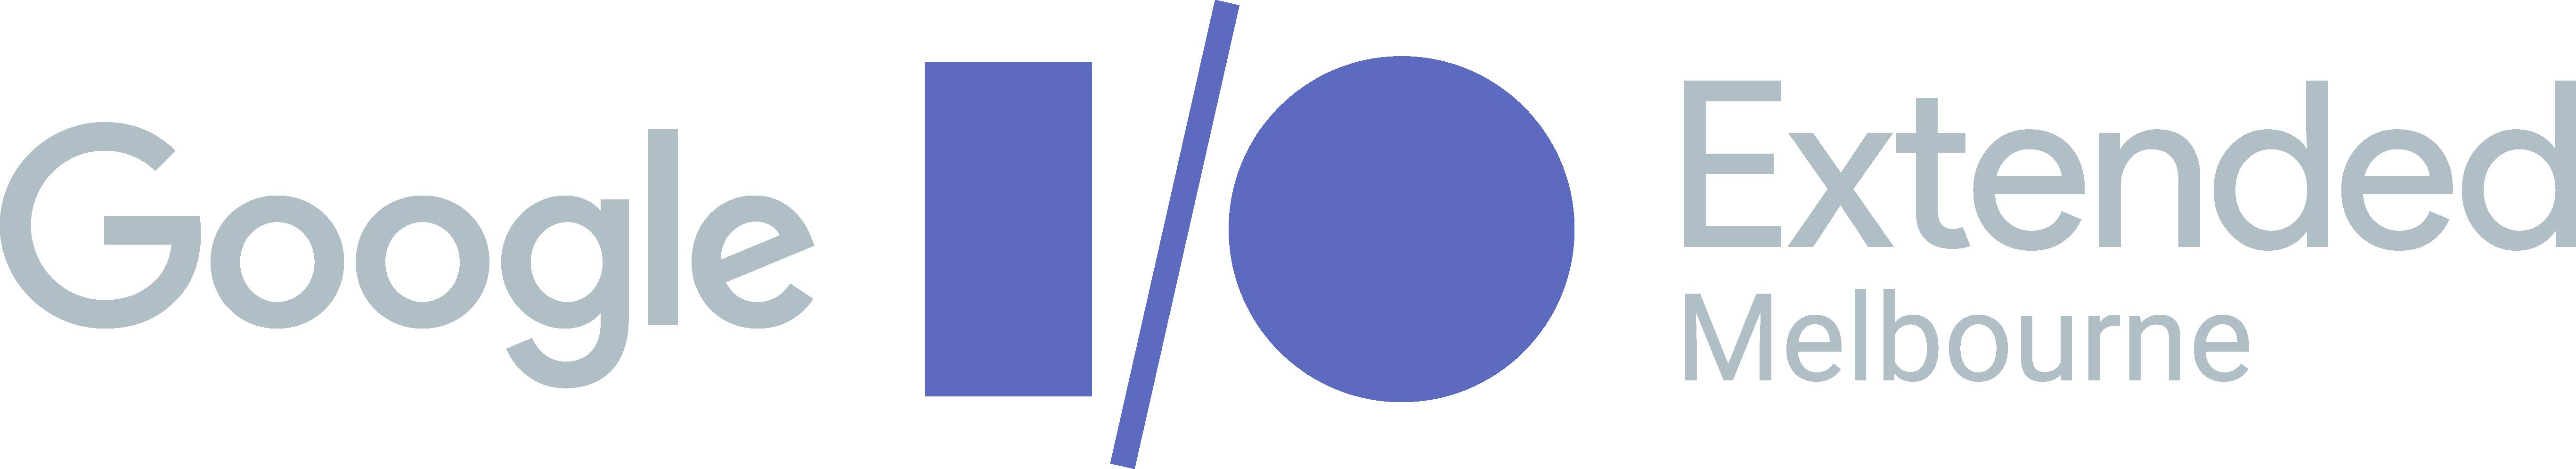 Google I/O Extended 2016 - Melbourne